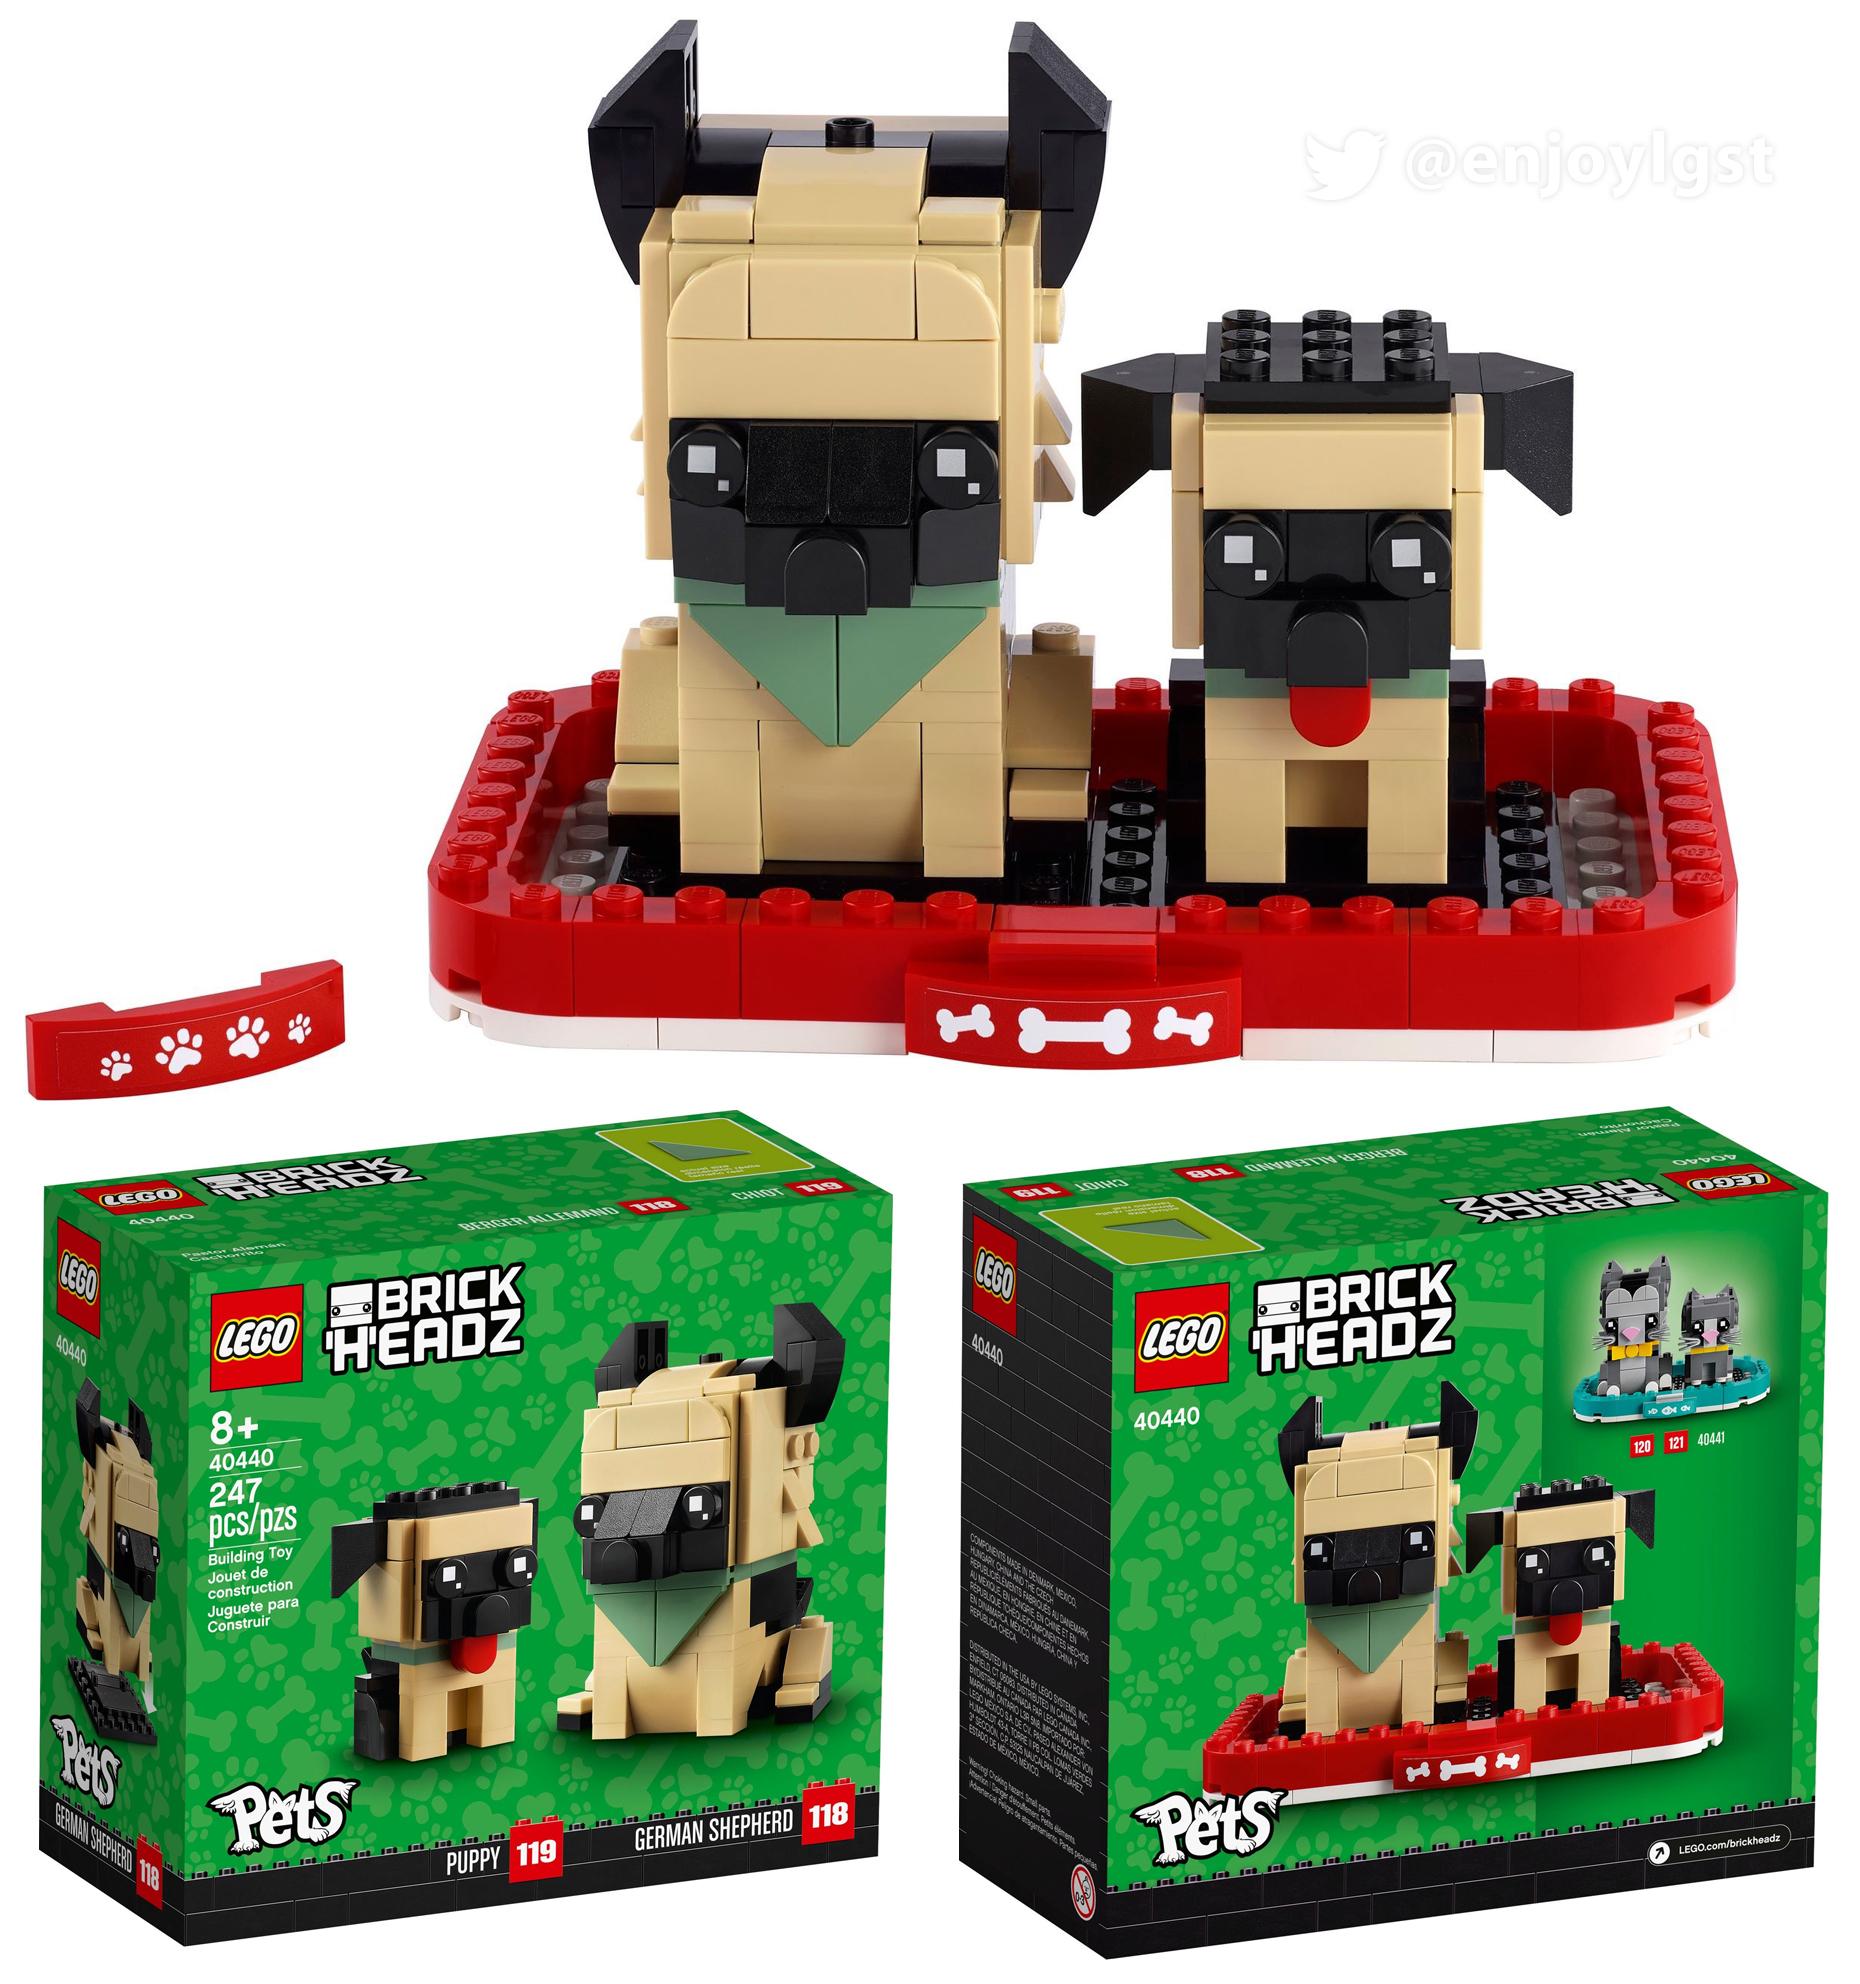 2021年レゴ ブリックヘッズ新製品情報:ペットシリーズ登場